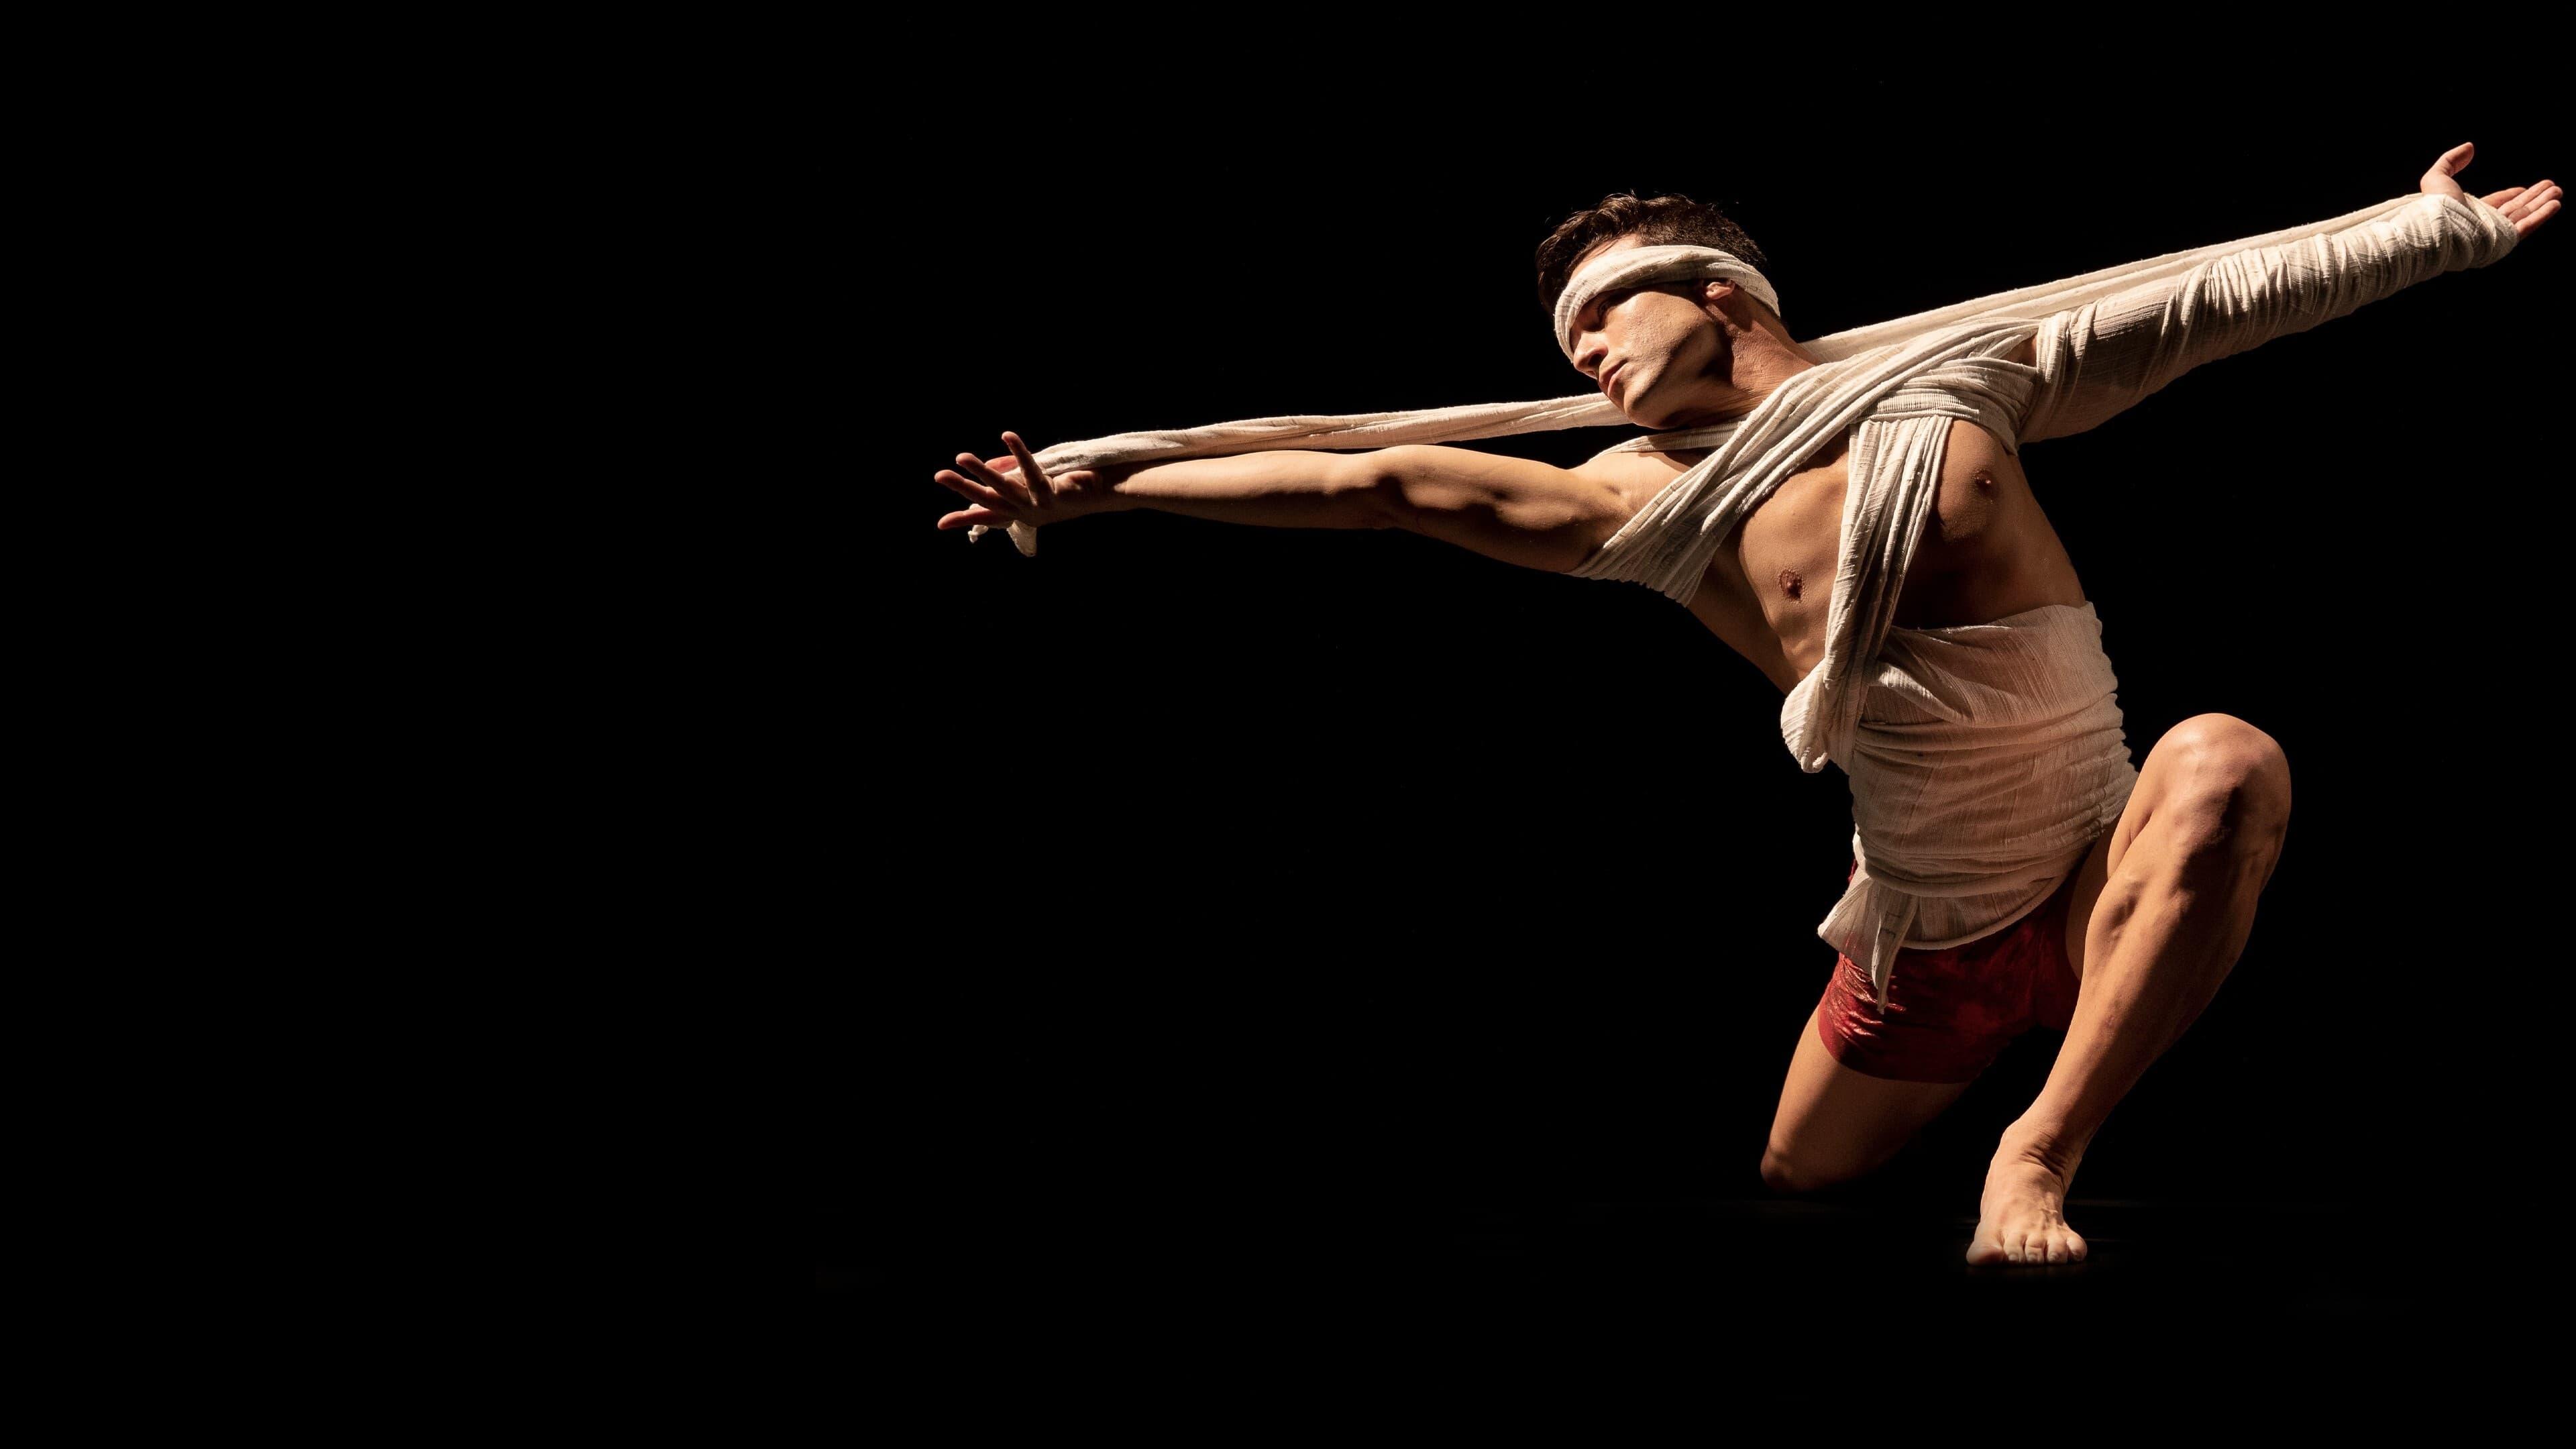 Cura (Cia de Dança Deborah Colker) (2021) Full Online Free